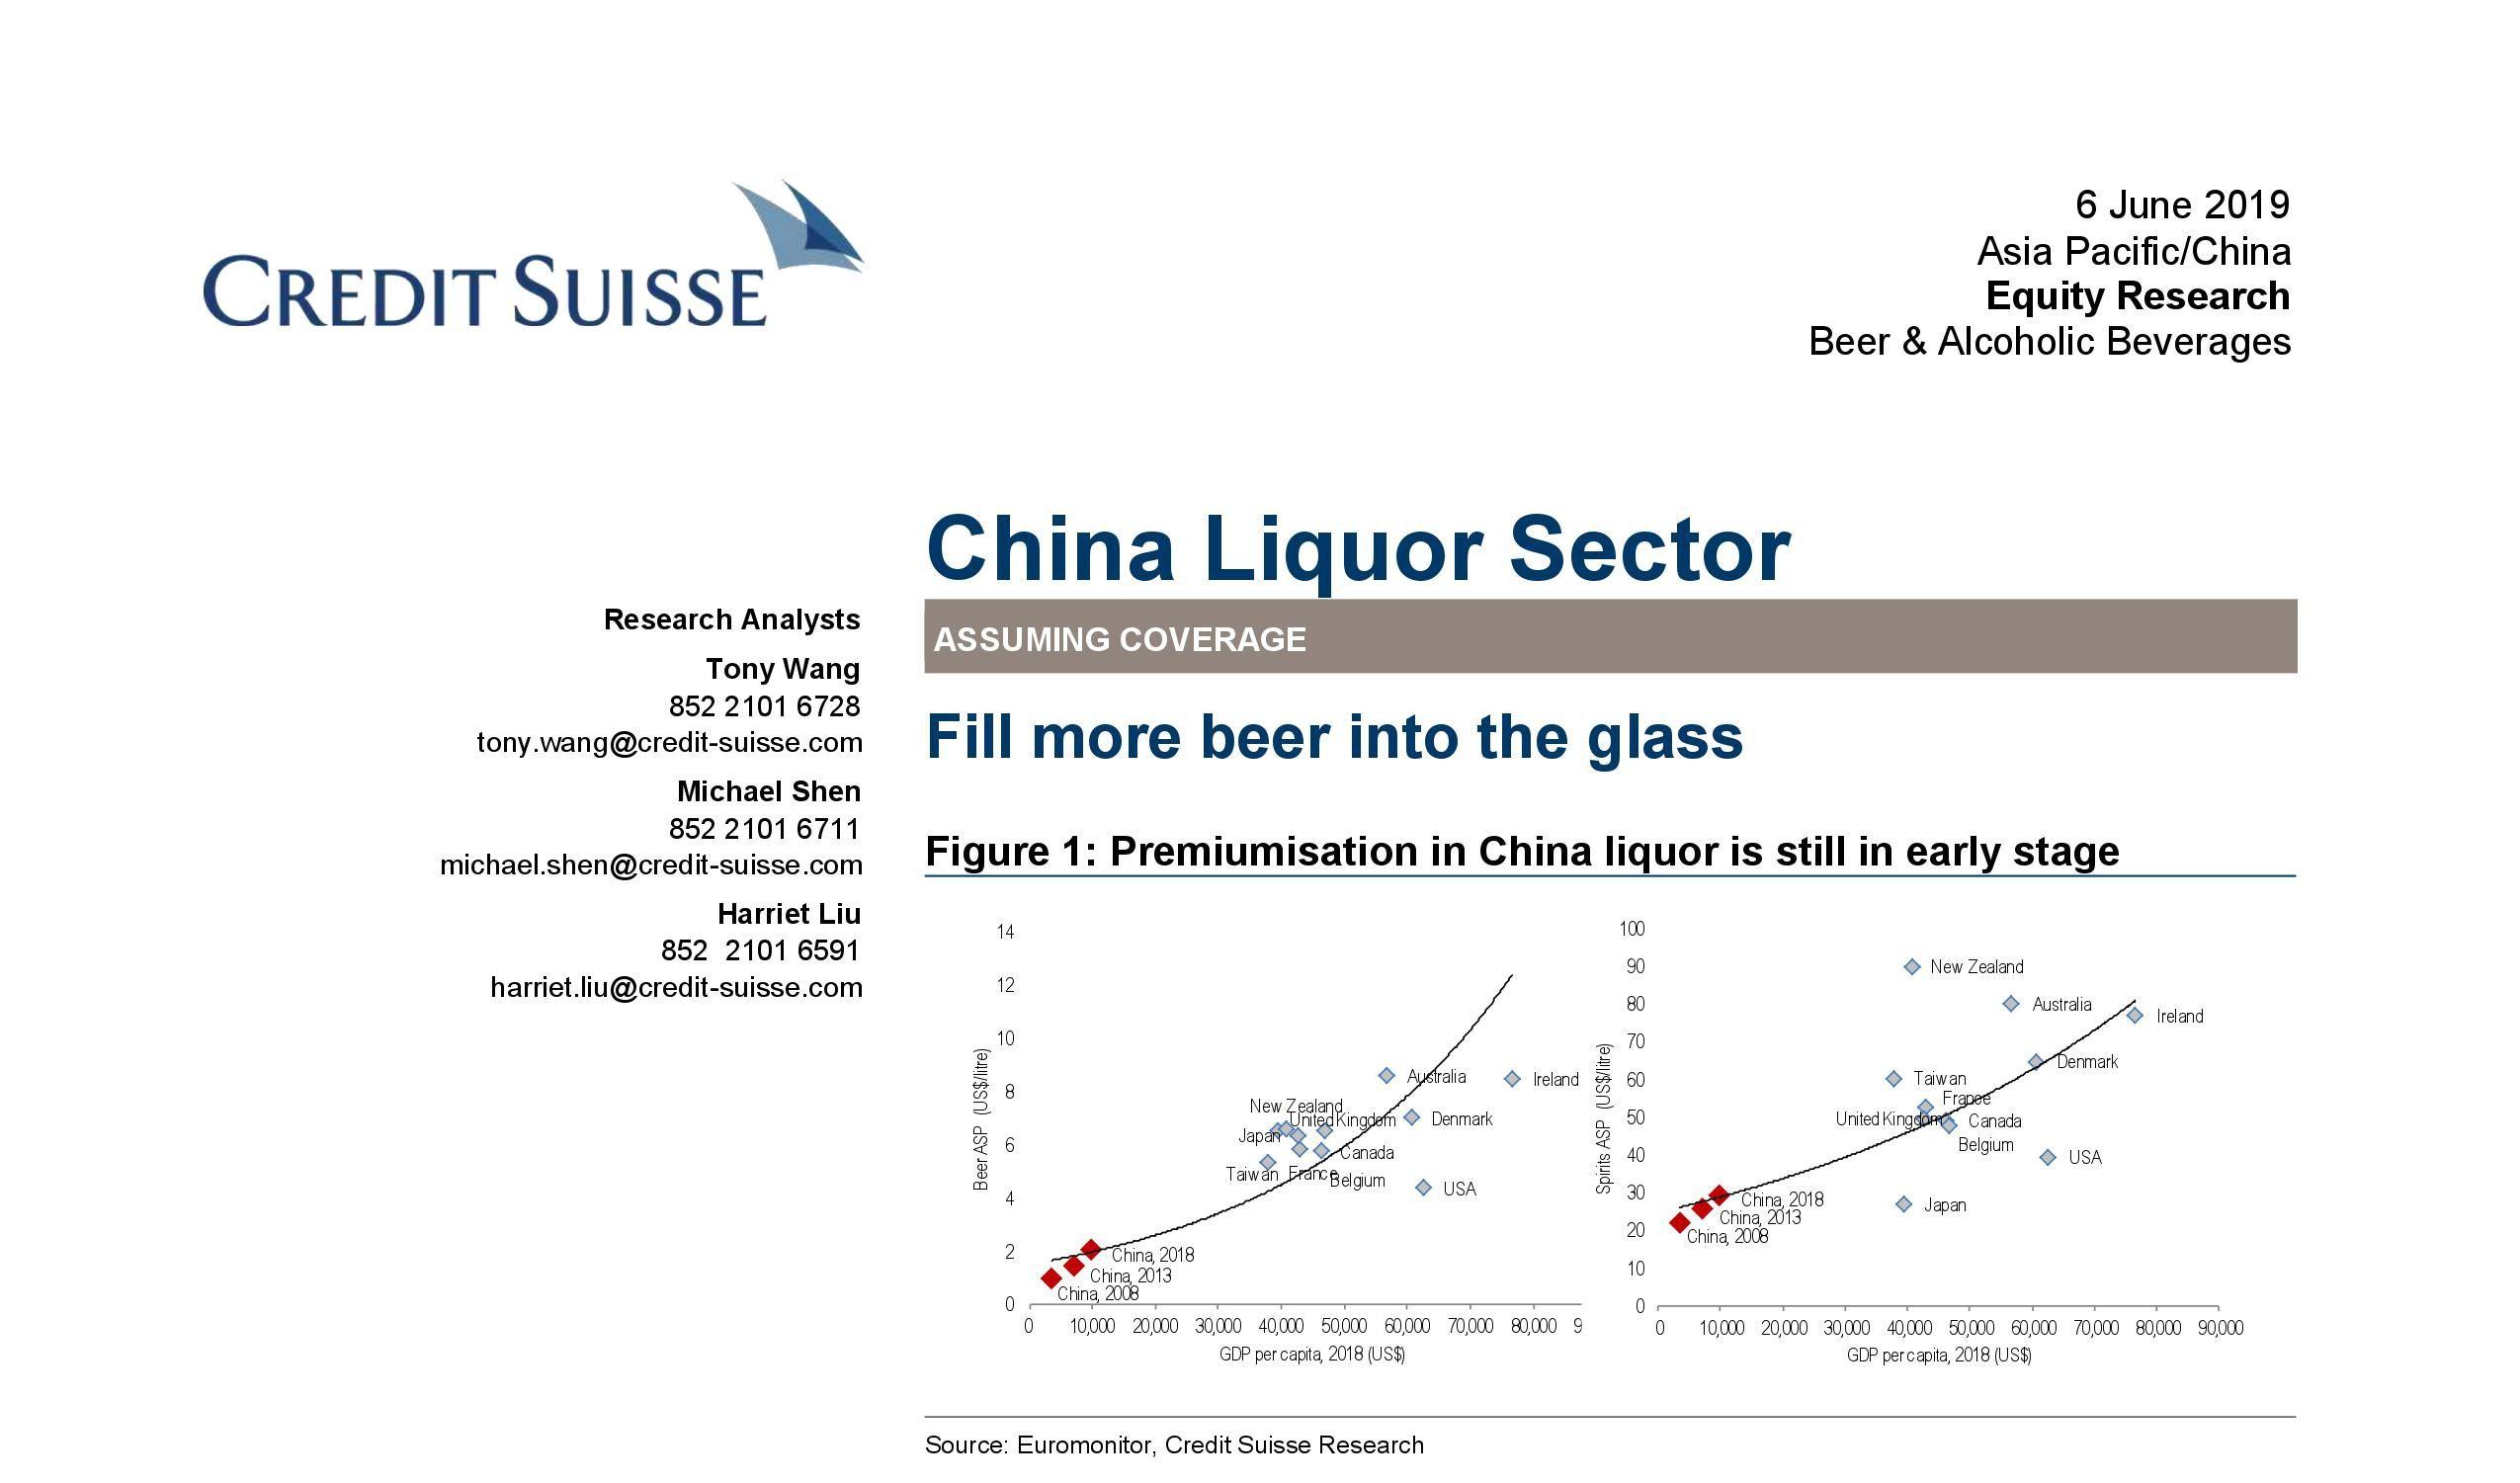 中国啤酒行业报告:啤酒将比白酒更受青睐(内附完整下载)